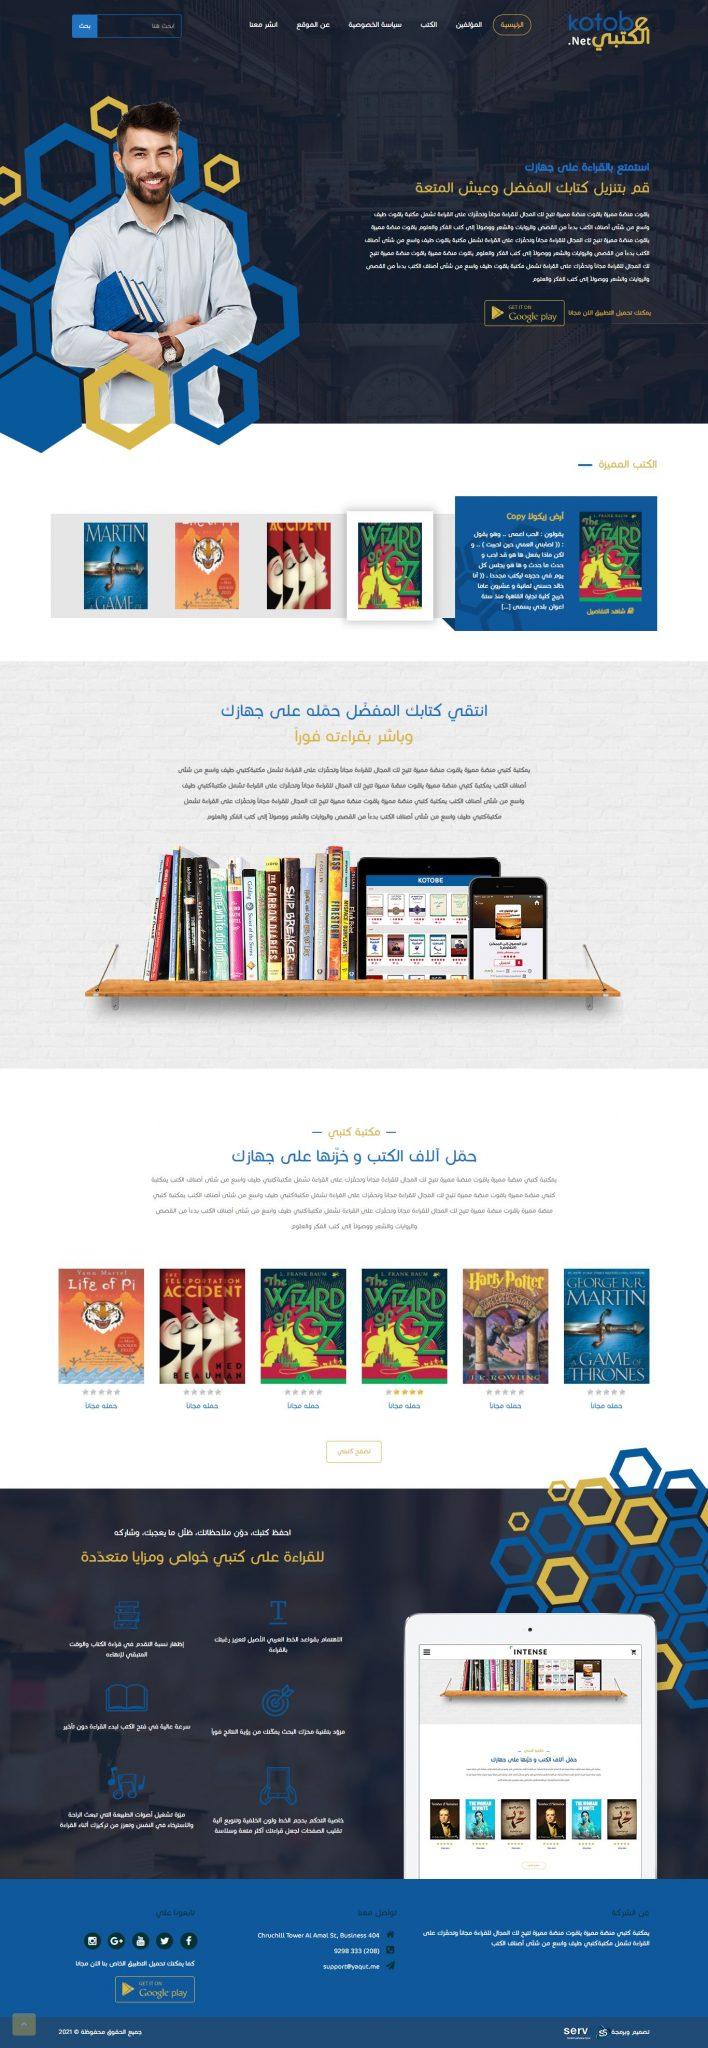 تصميم تطبيق كتبي